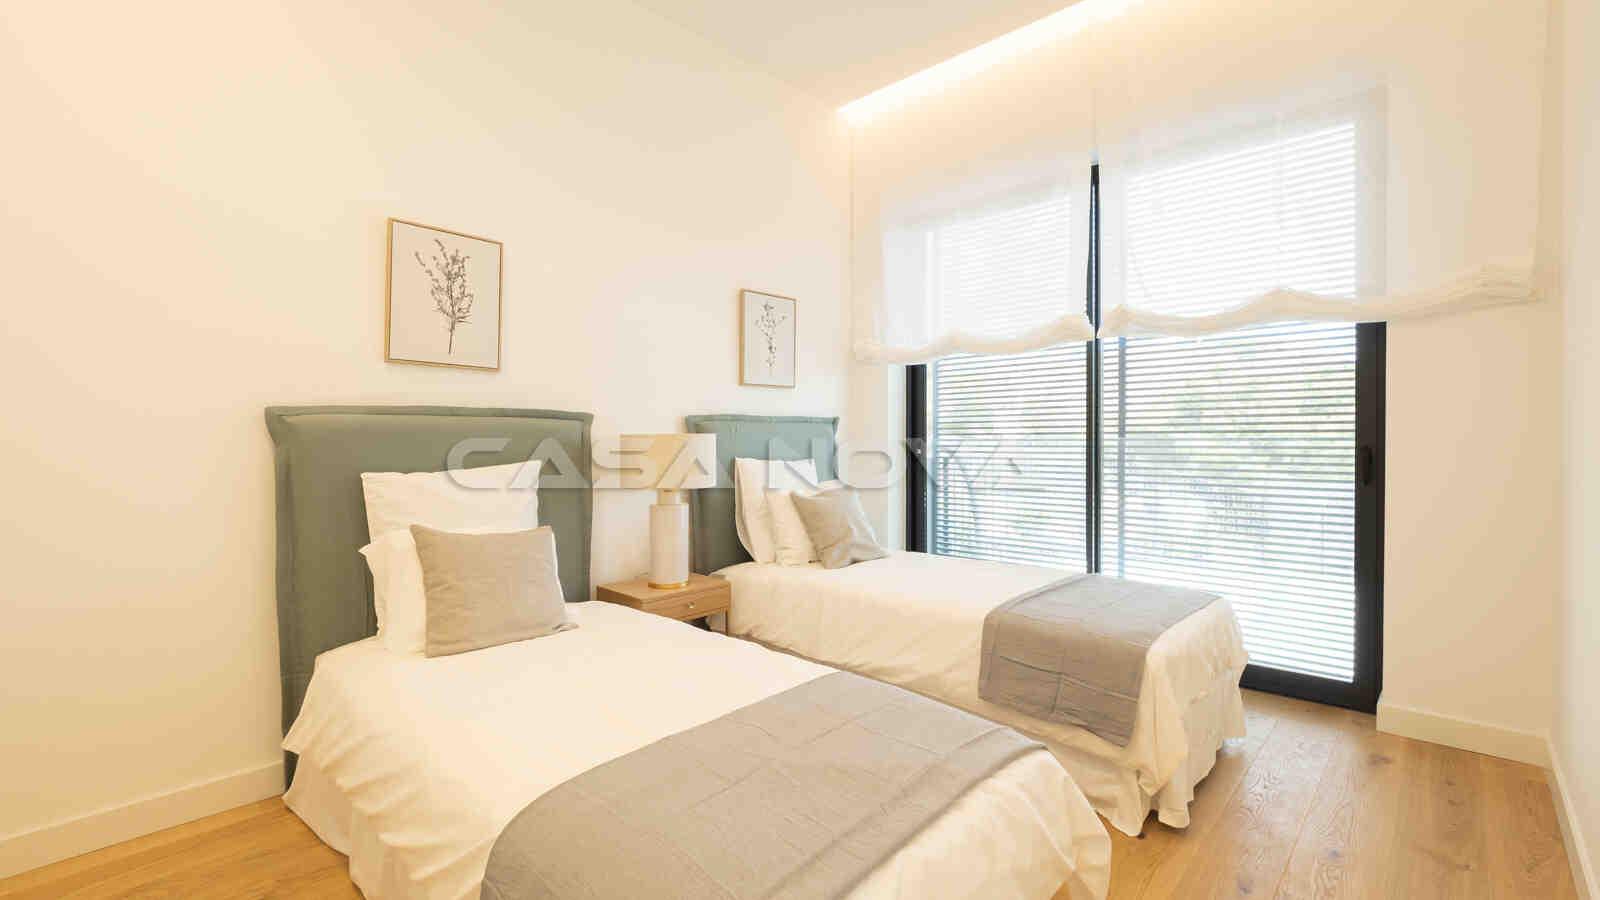 Modernes Doppelschlafzimmer mit schönem Blick